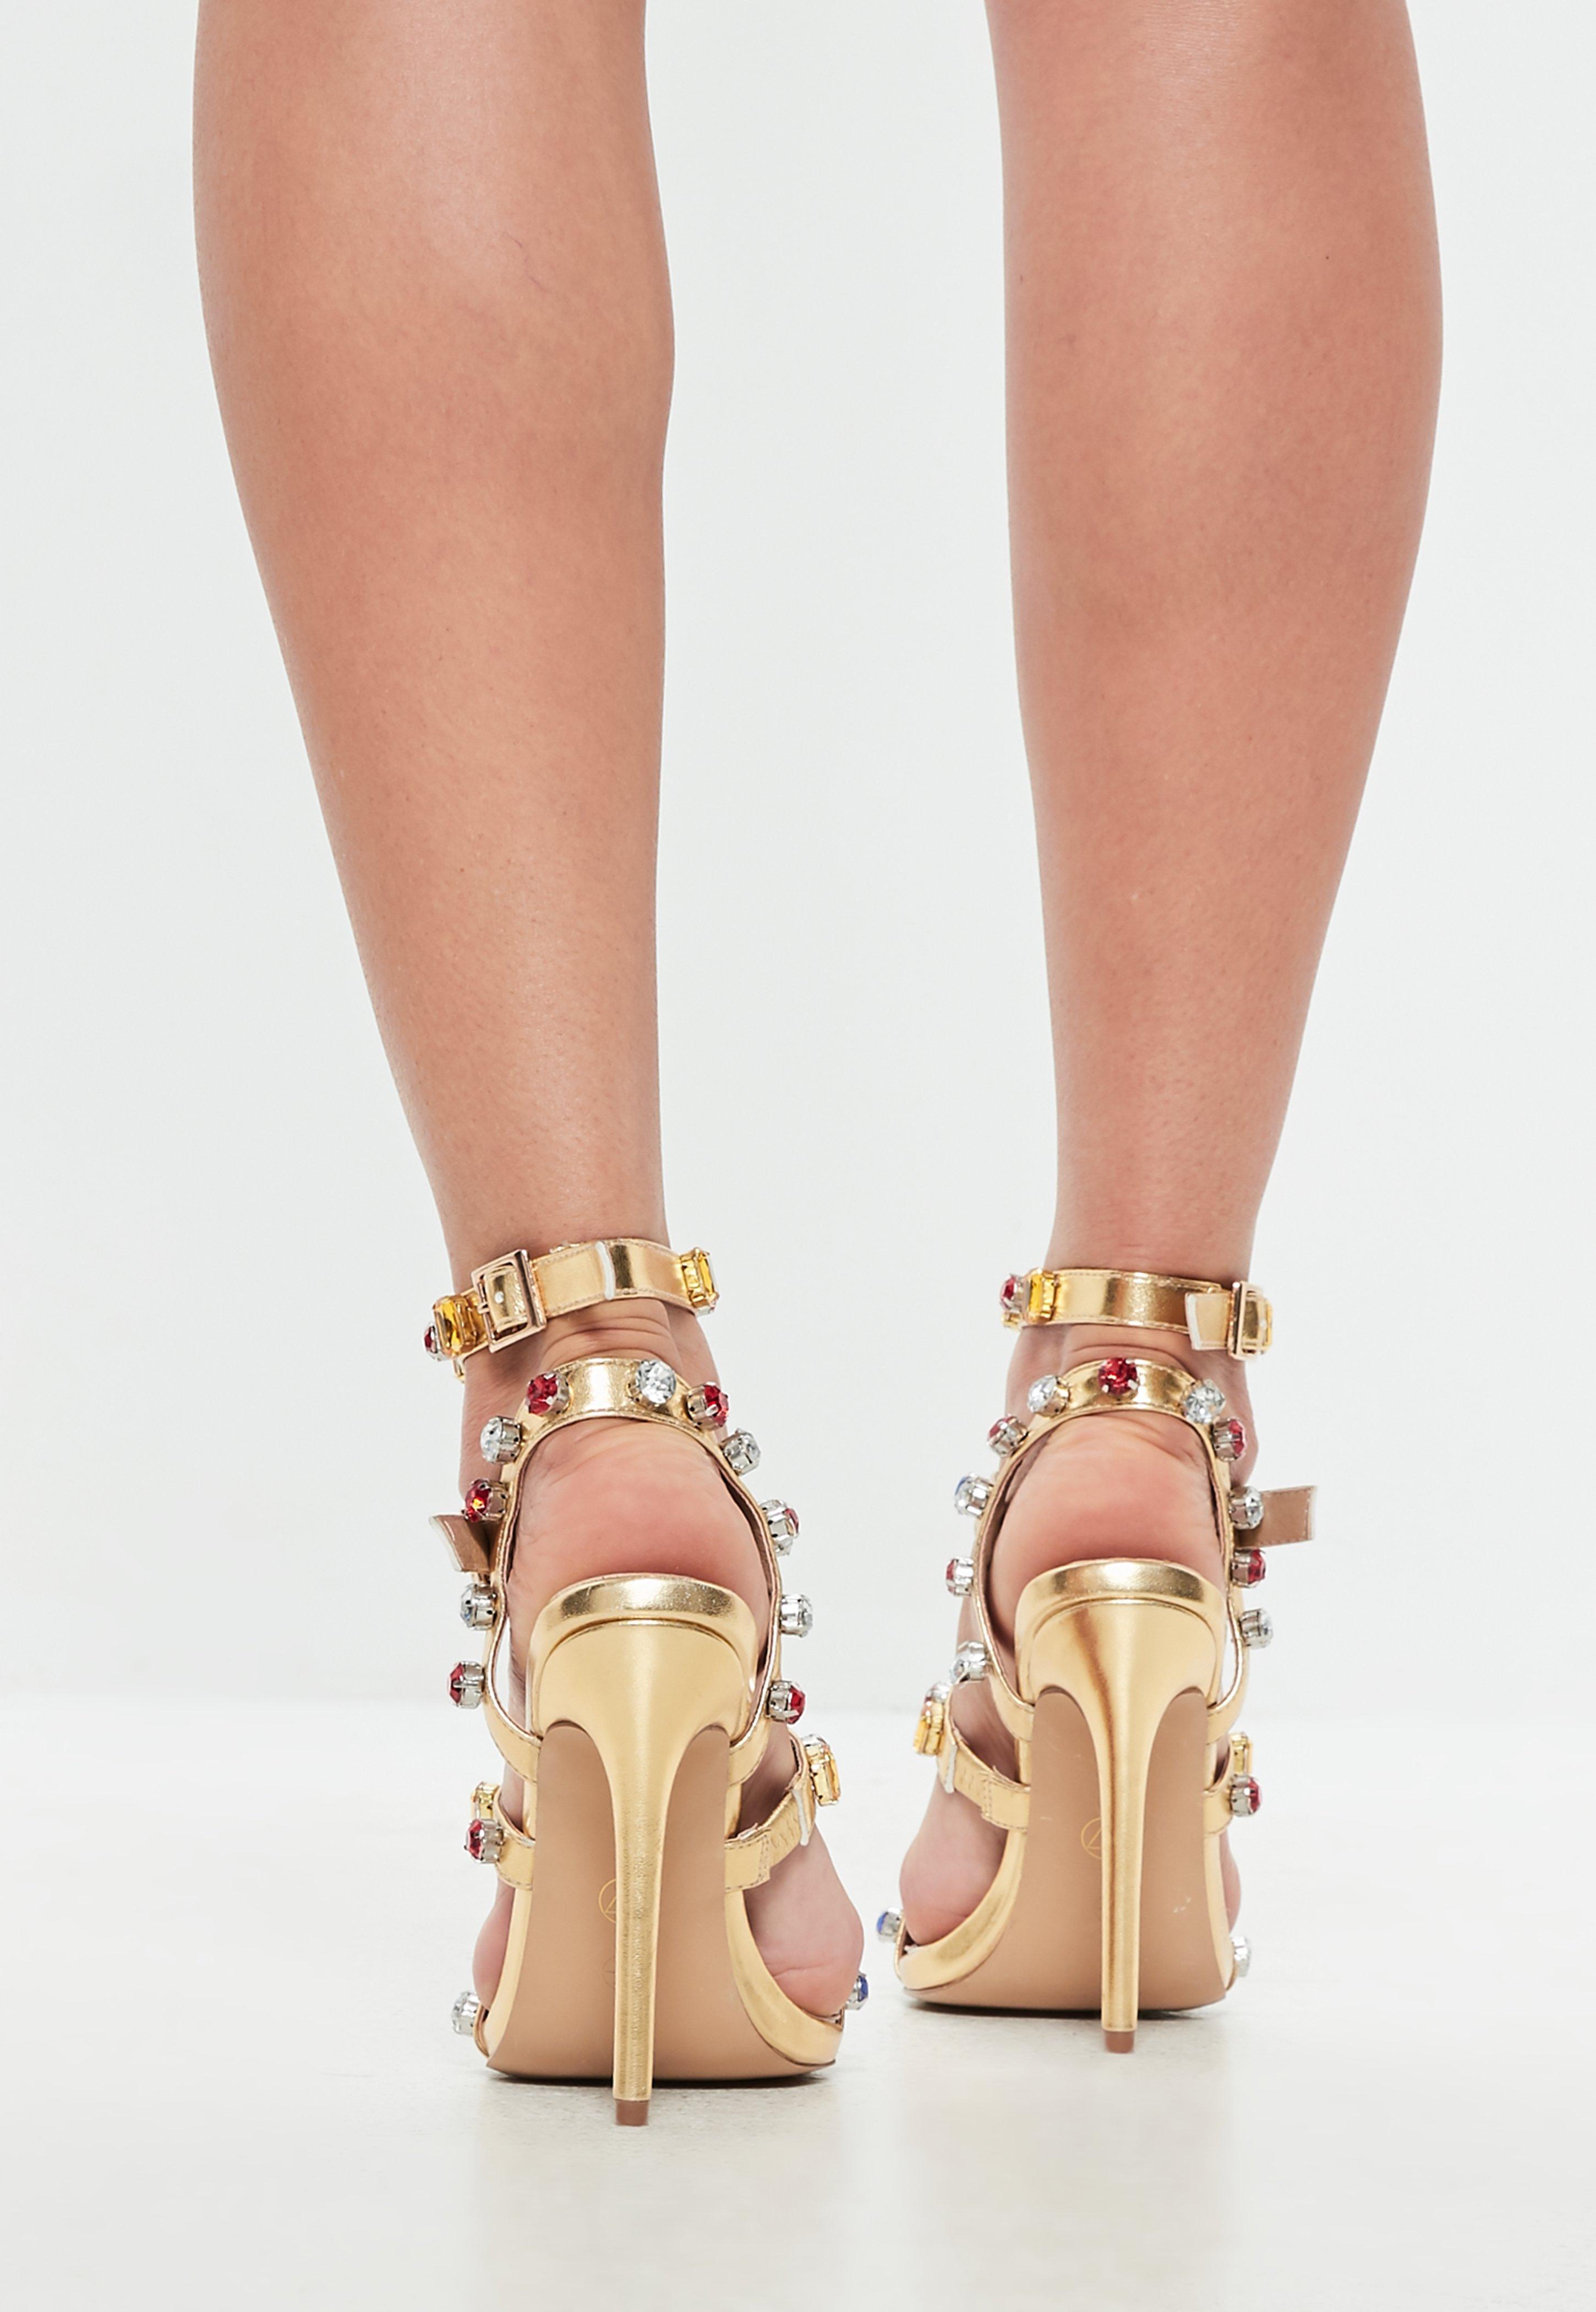 1c45b7d0b2dc9a Missguided - Metallic Gold Multi Jeweled Heeled Sandals - Lyst. View  fullscreen